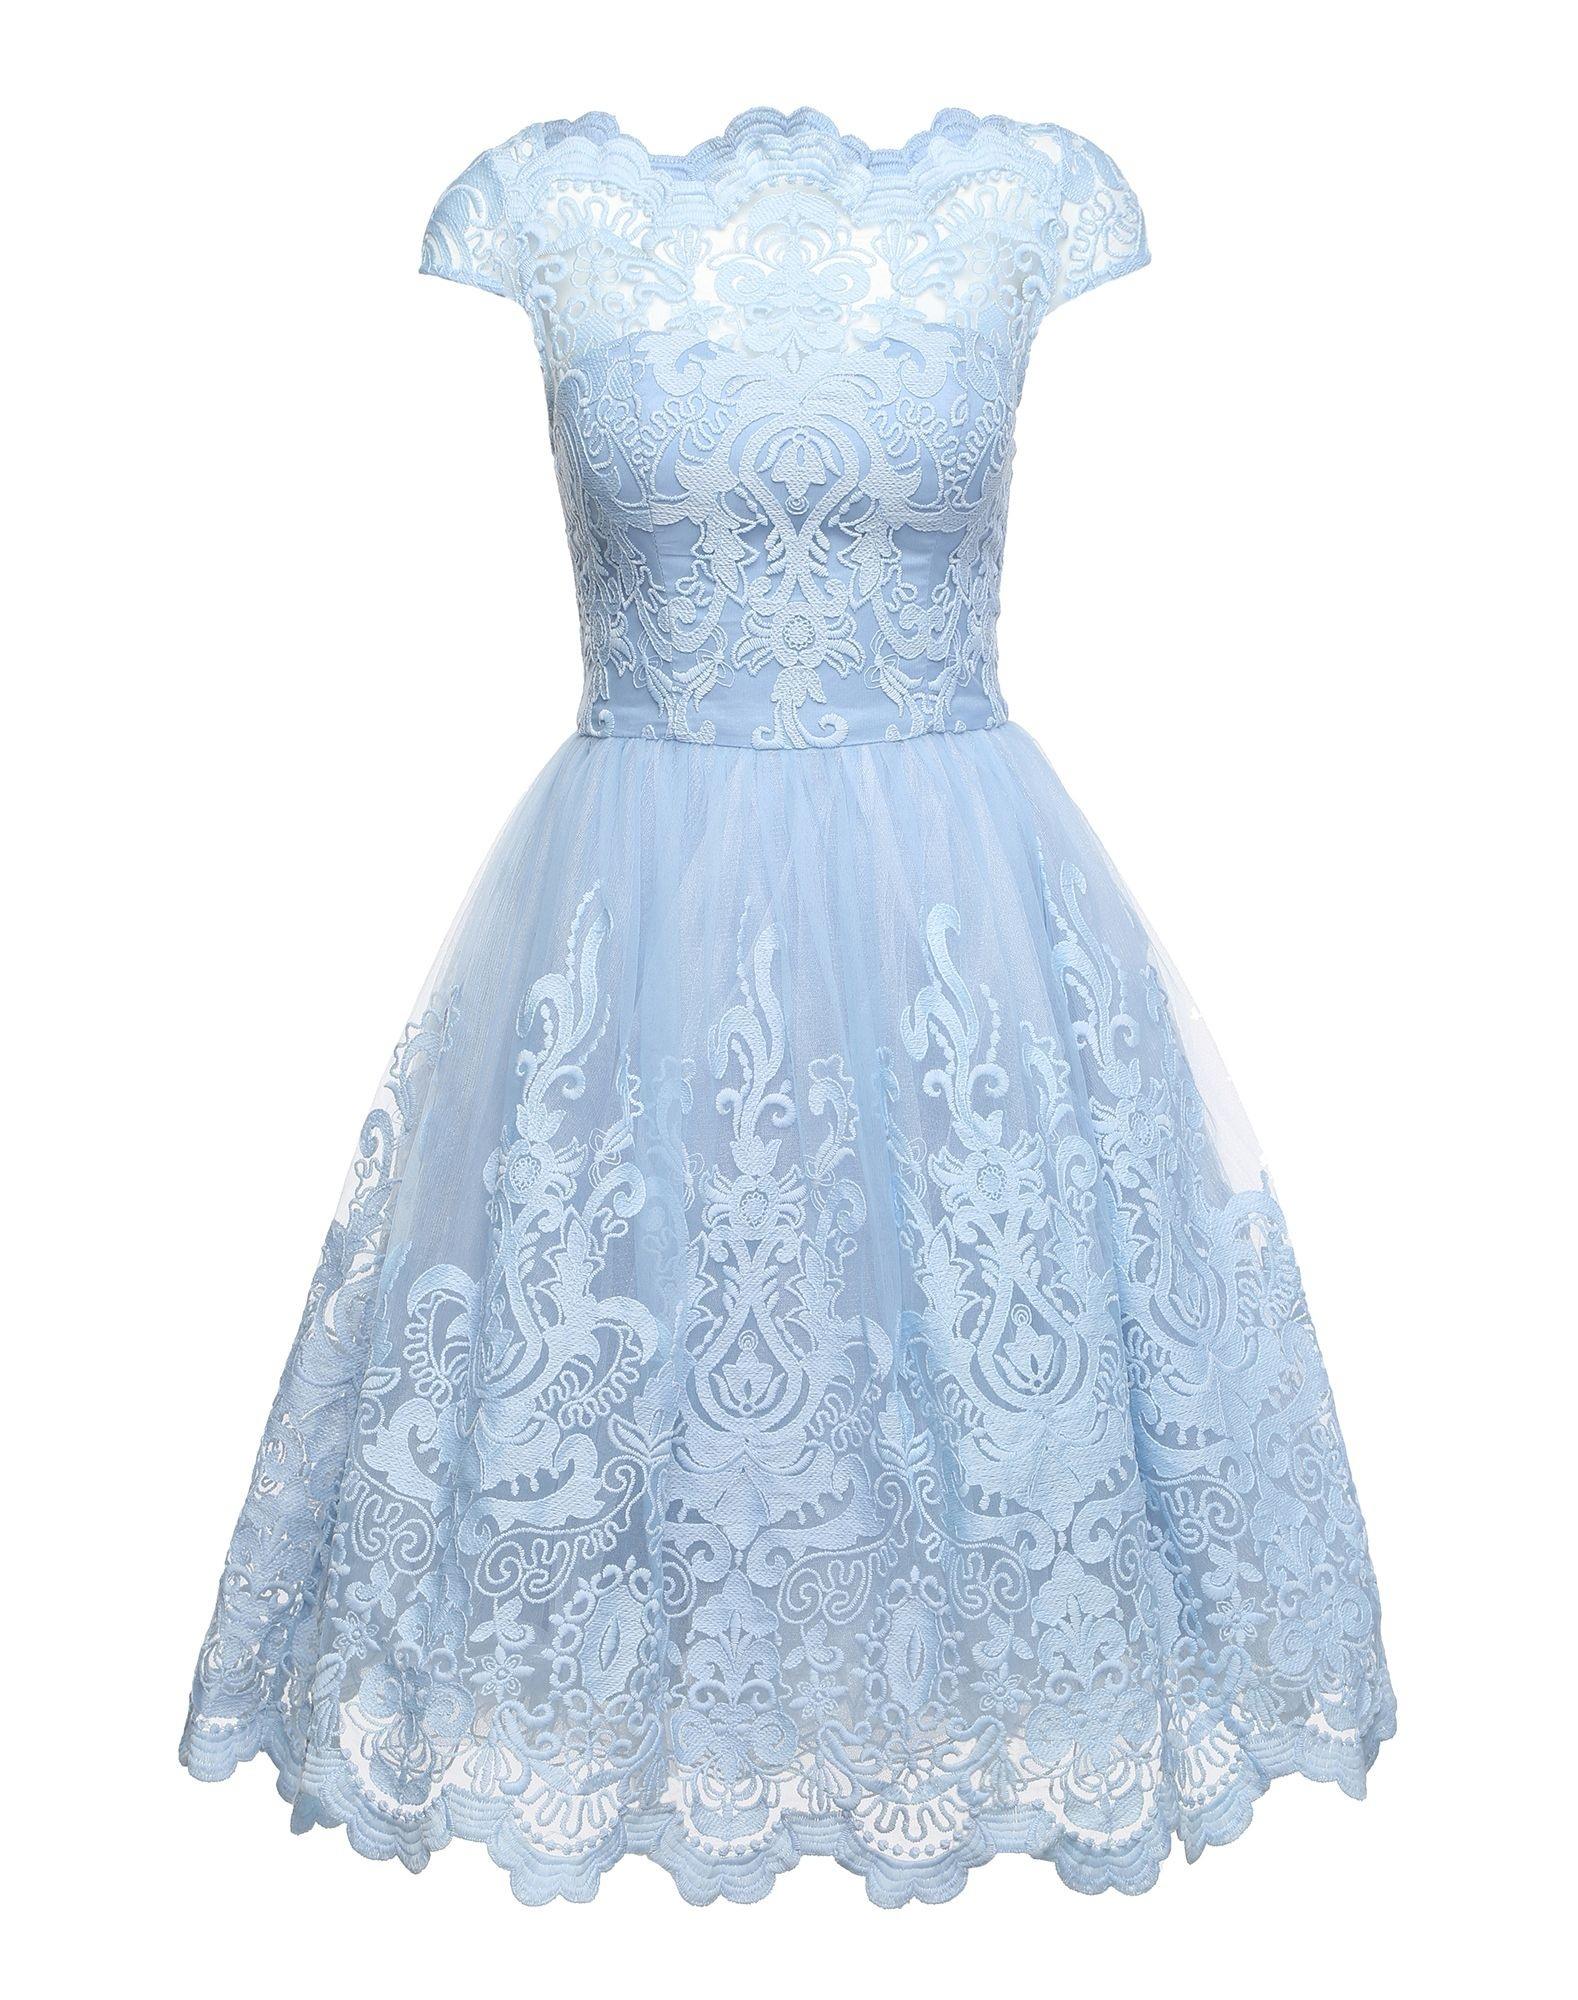 17 Luxus Kleid Spitze Hellblau SpezialgebietFormal Spektakulär Kleid Spitze Hellblau Design